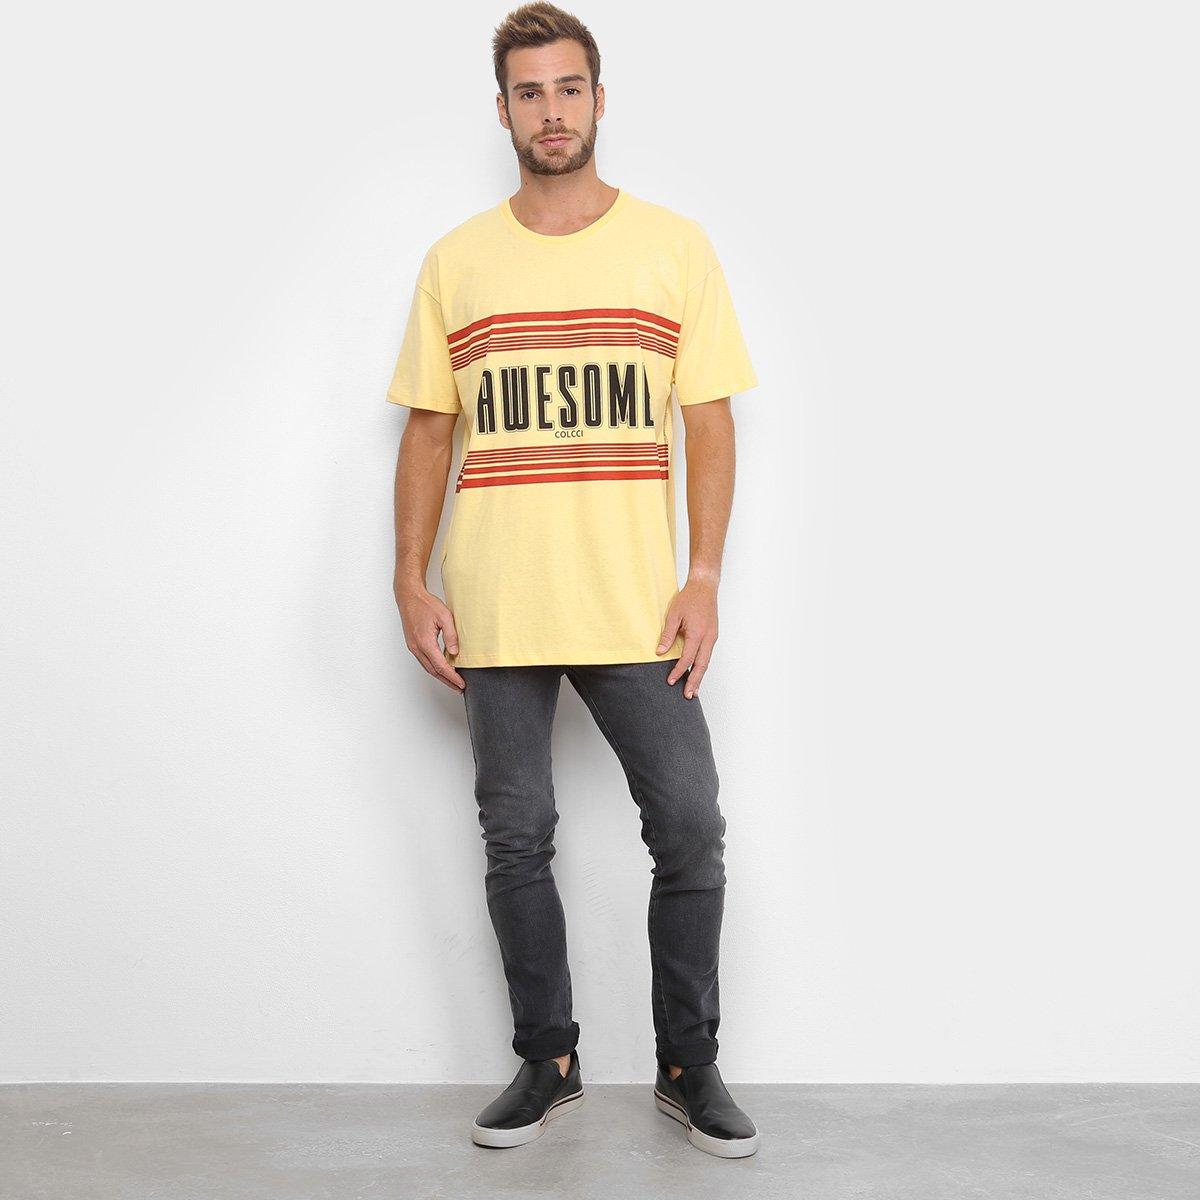 Camiseta Colcci Awesome Masculina - Amarelo